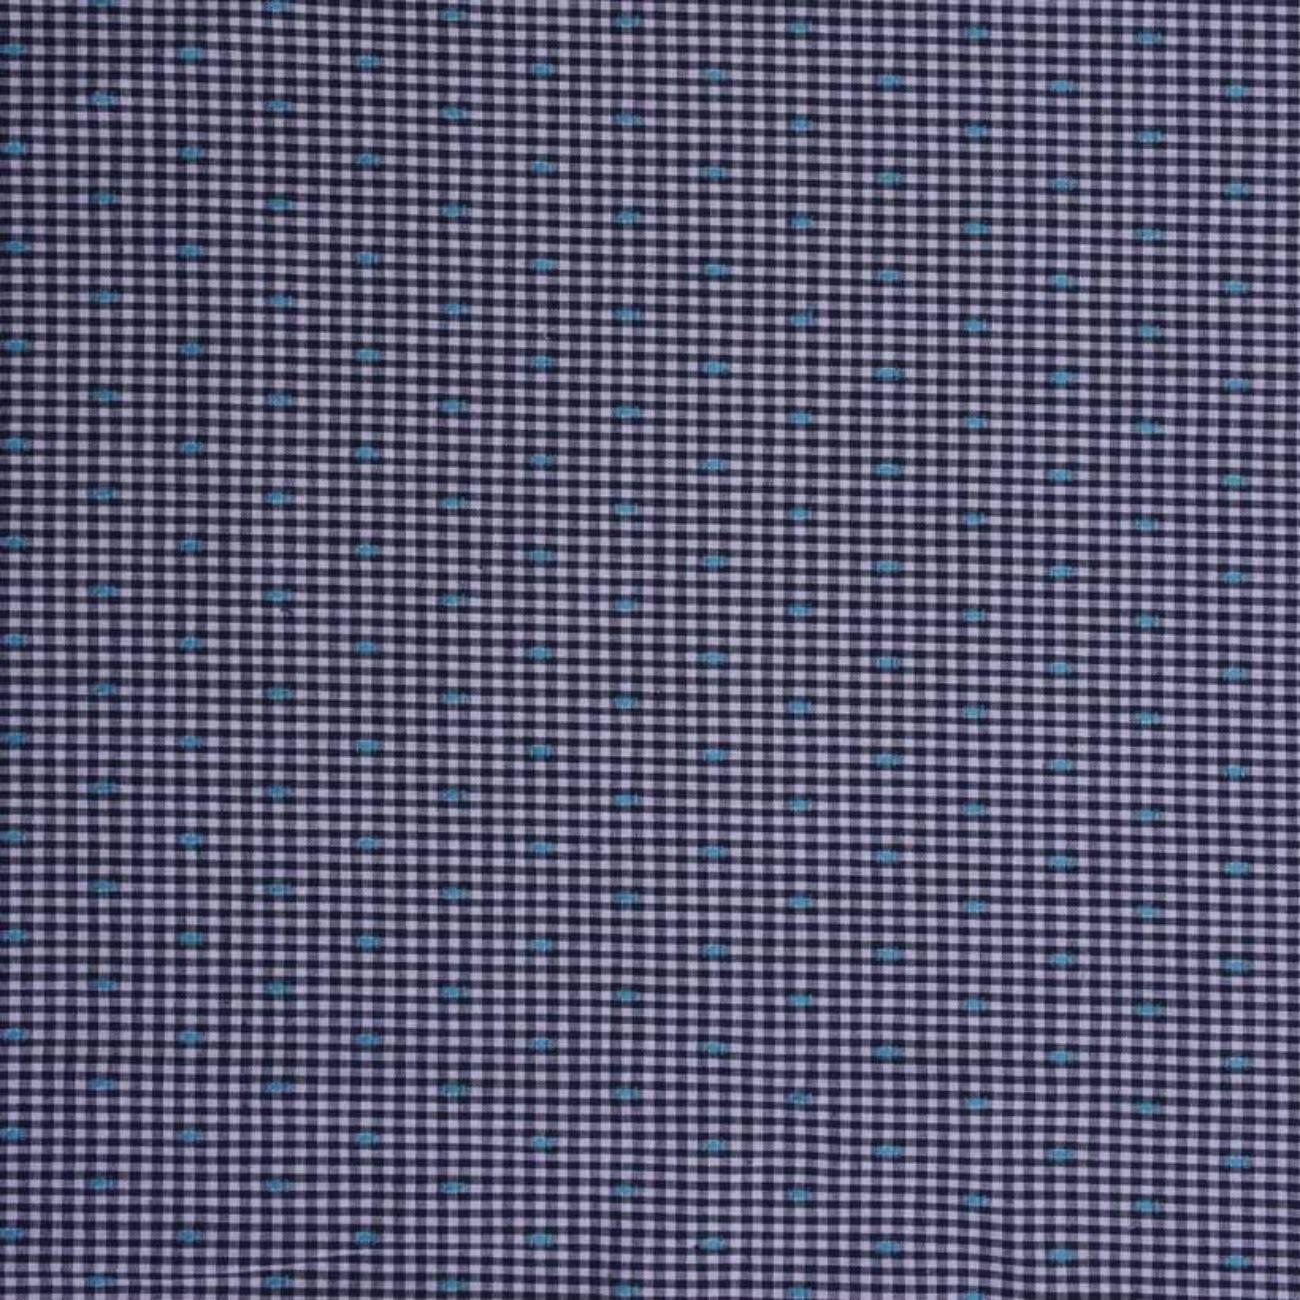 现货格子梭织色织 低弹休闲时尚风格 衬衫 连衣裙 短裙 棉感 60929-57